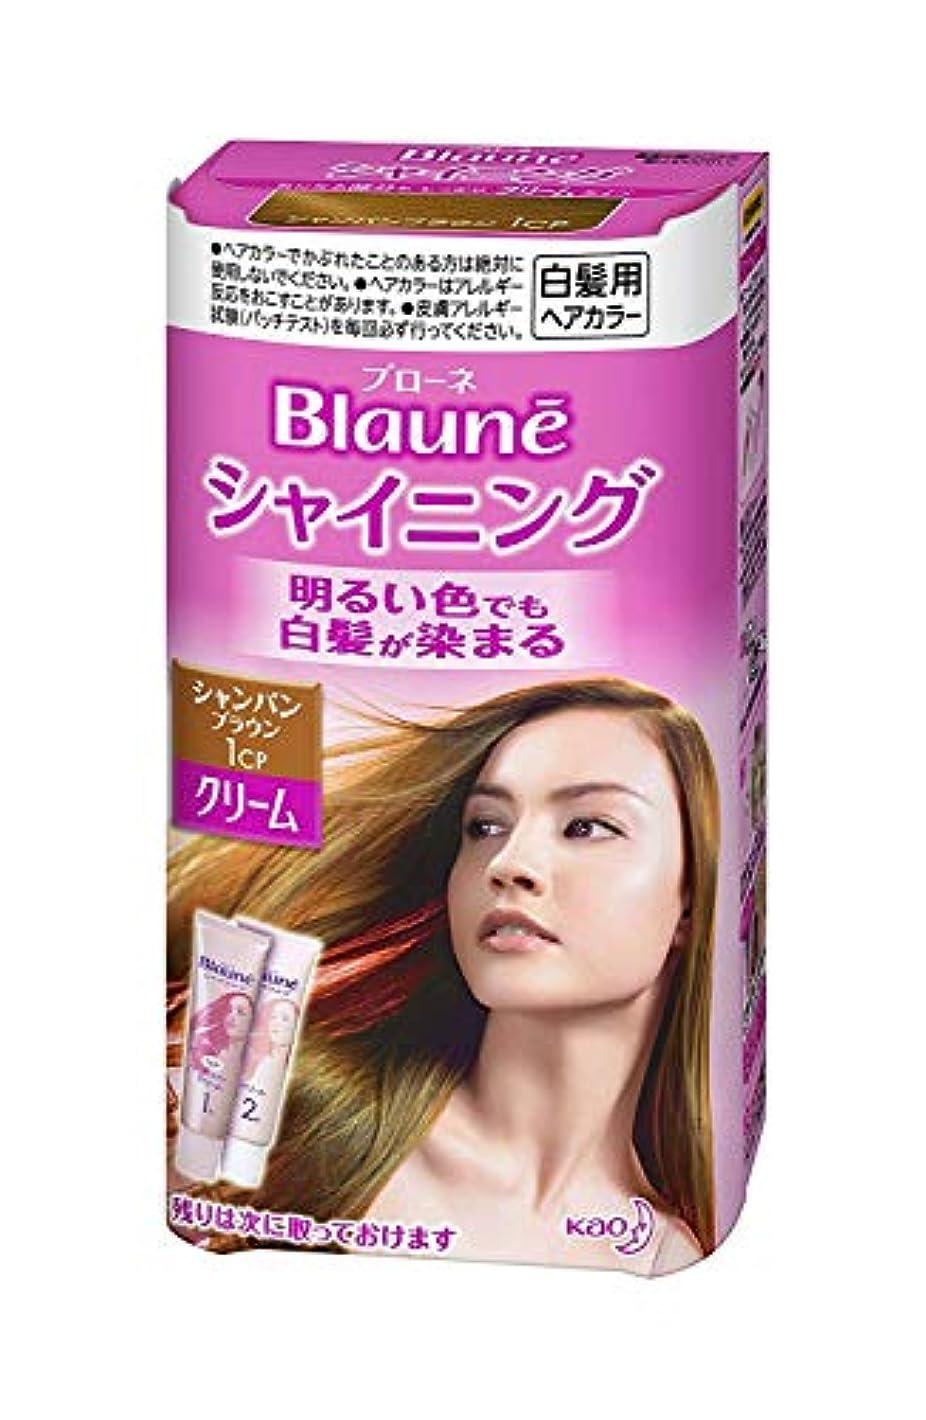 統計的算術ヶ月目【花王】ブローネ シャイニングヘアカラークリーム1CP シャンパンブラウン ×10個セット